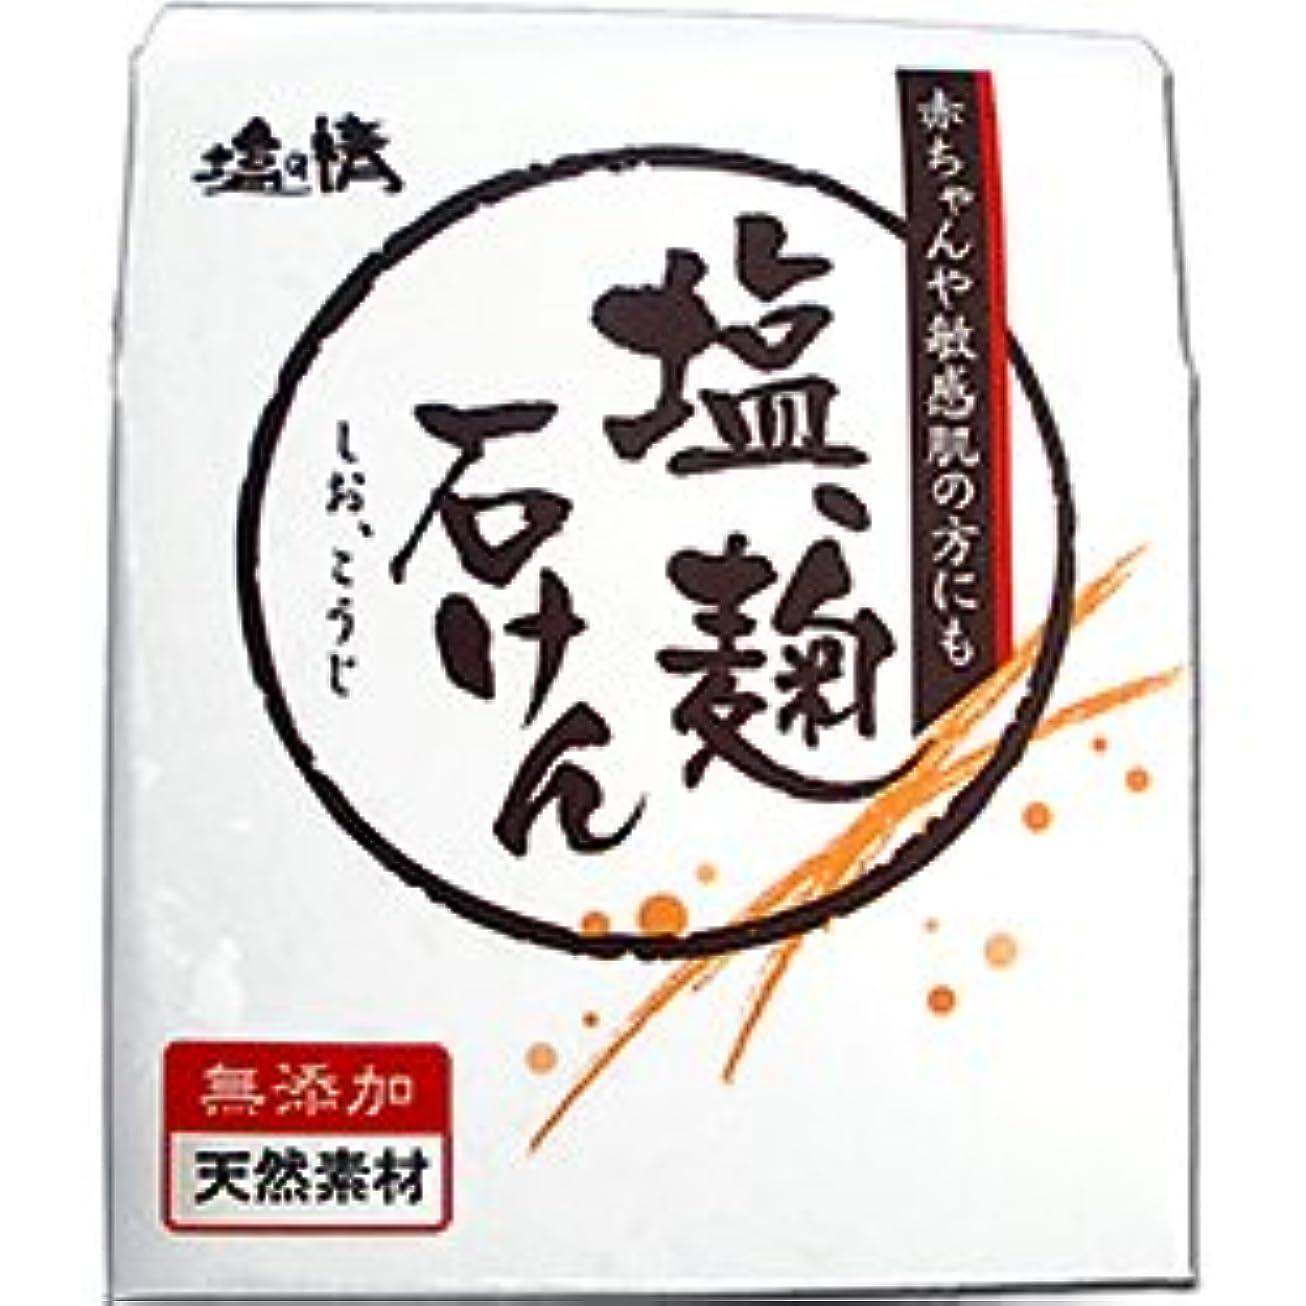 可塑性篭覚えている【ダイムヘルスケア】塩の精 塩、麹石けん(しお、こうじせっけん) 無添加?天然素材 80g ×10個セット